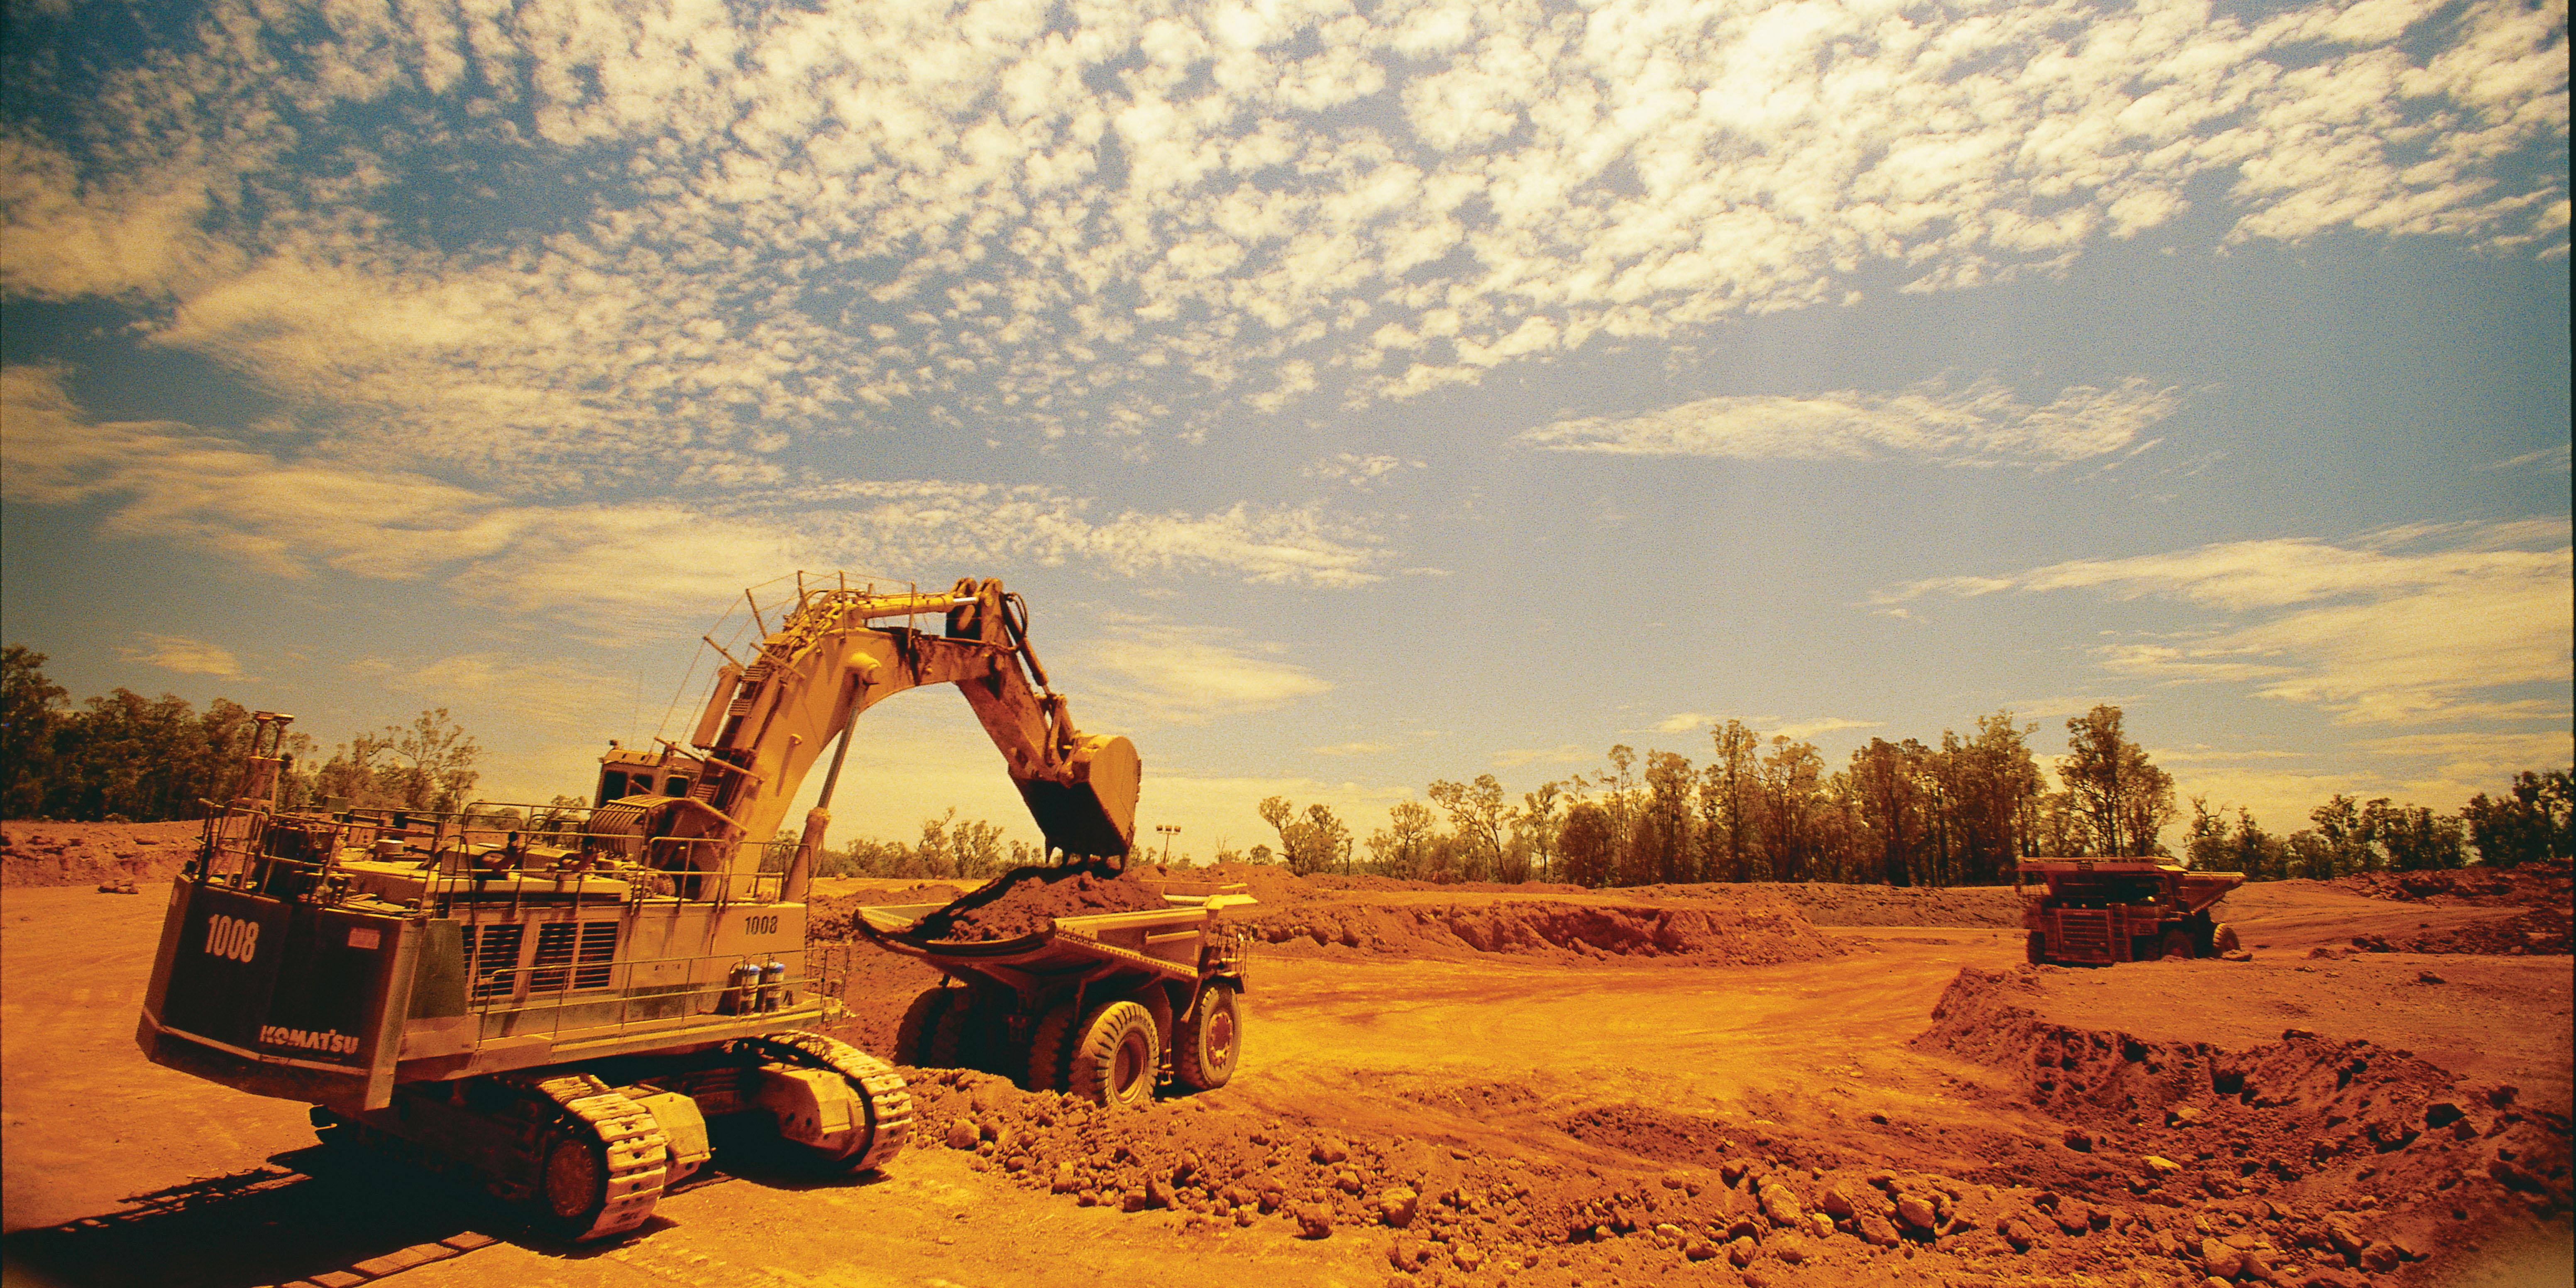 شرکتهای معدنی خارجی امروز بدون مانع برای سرمایه گذاری رایزنی میکنند